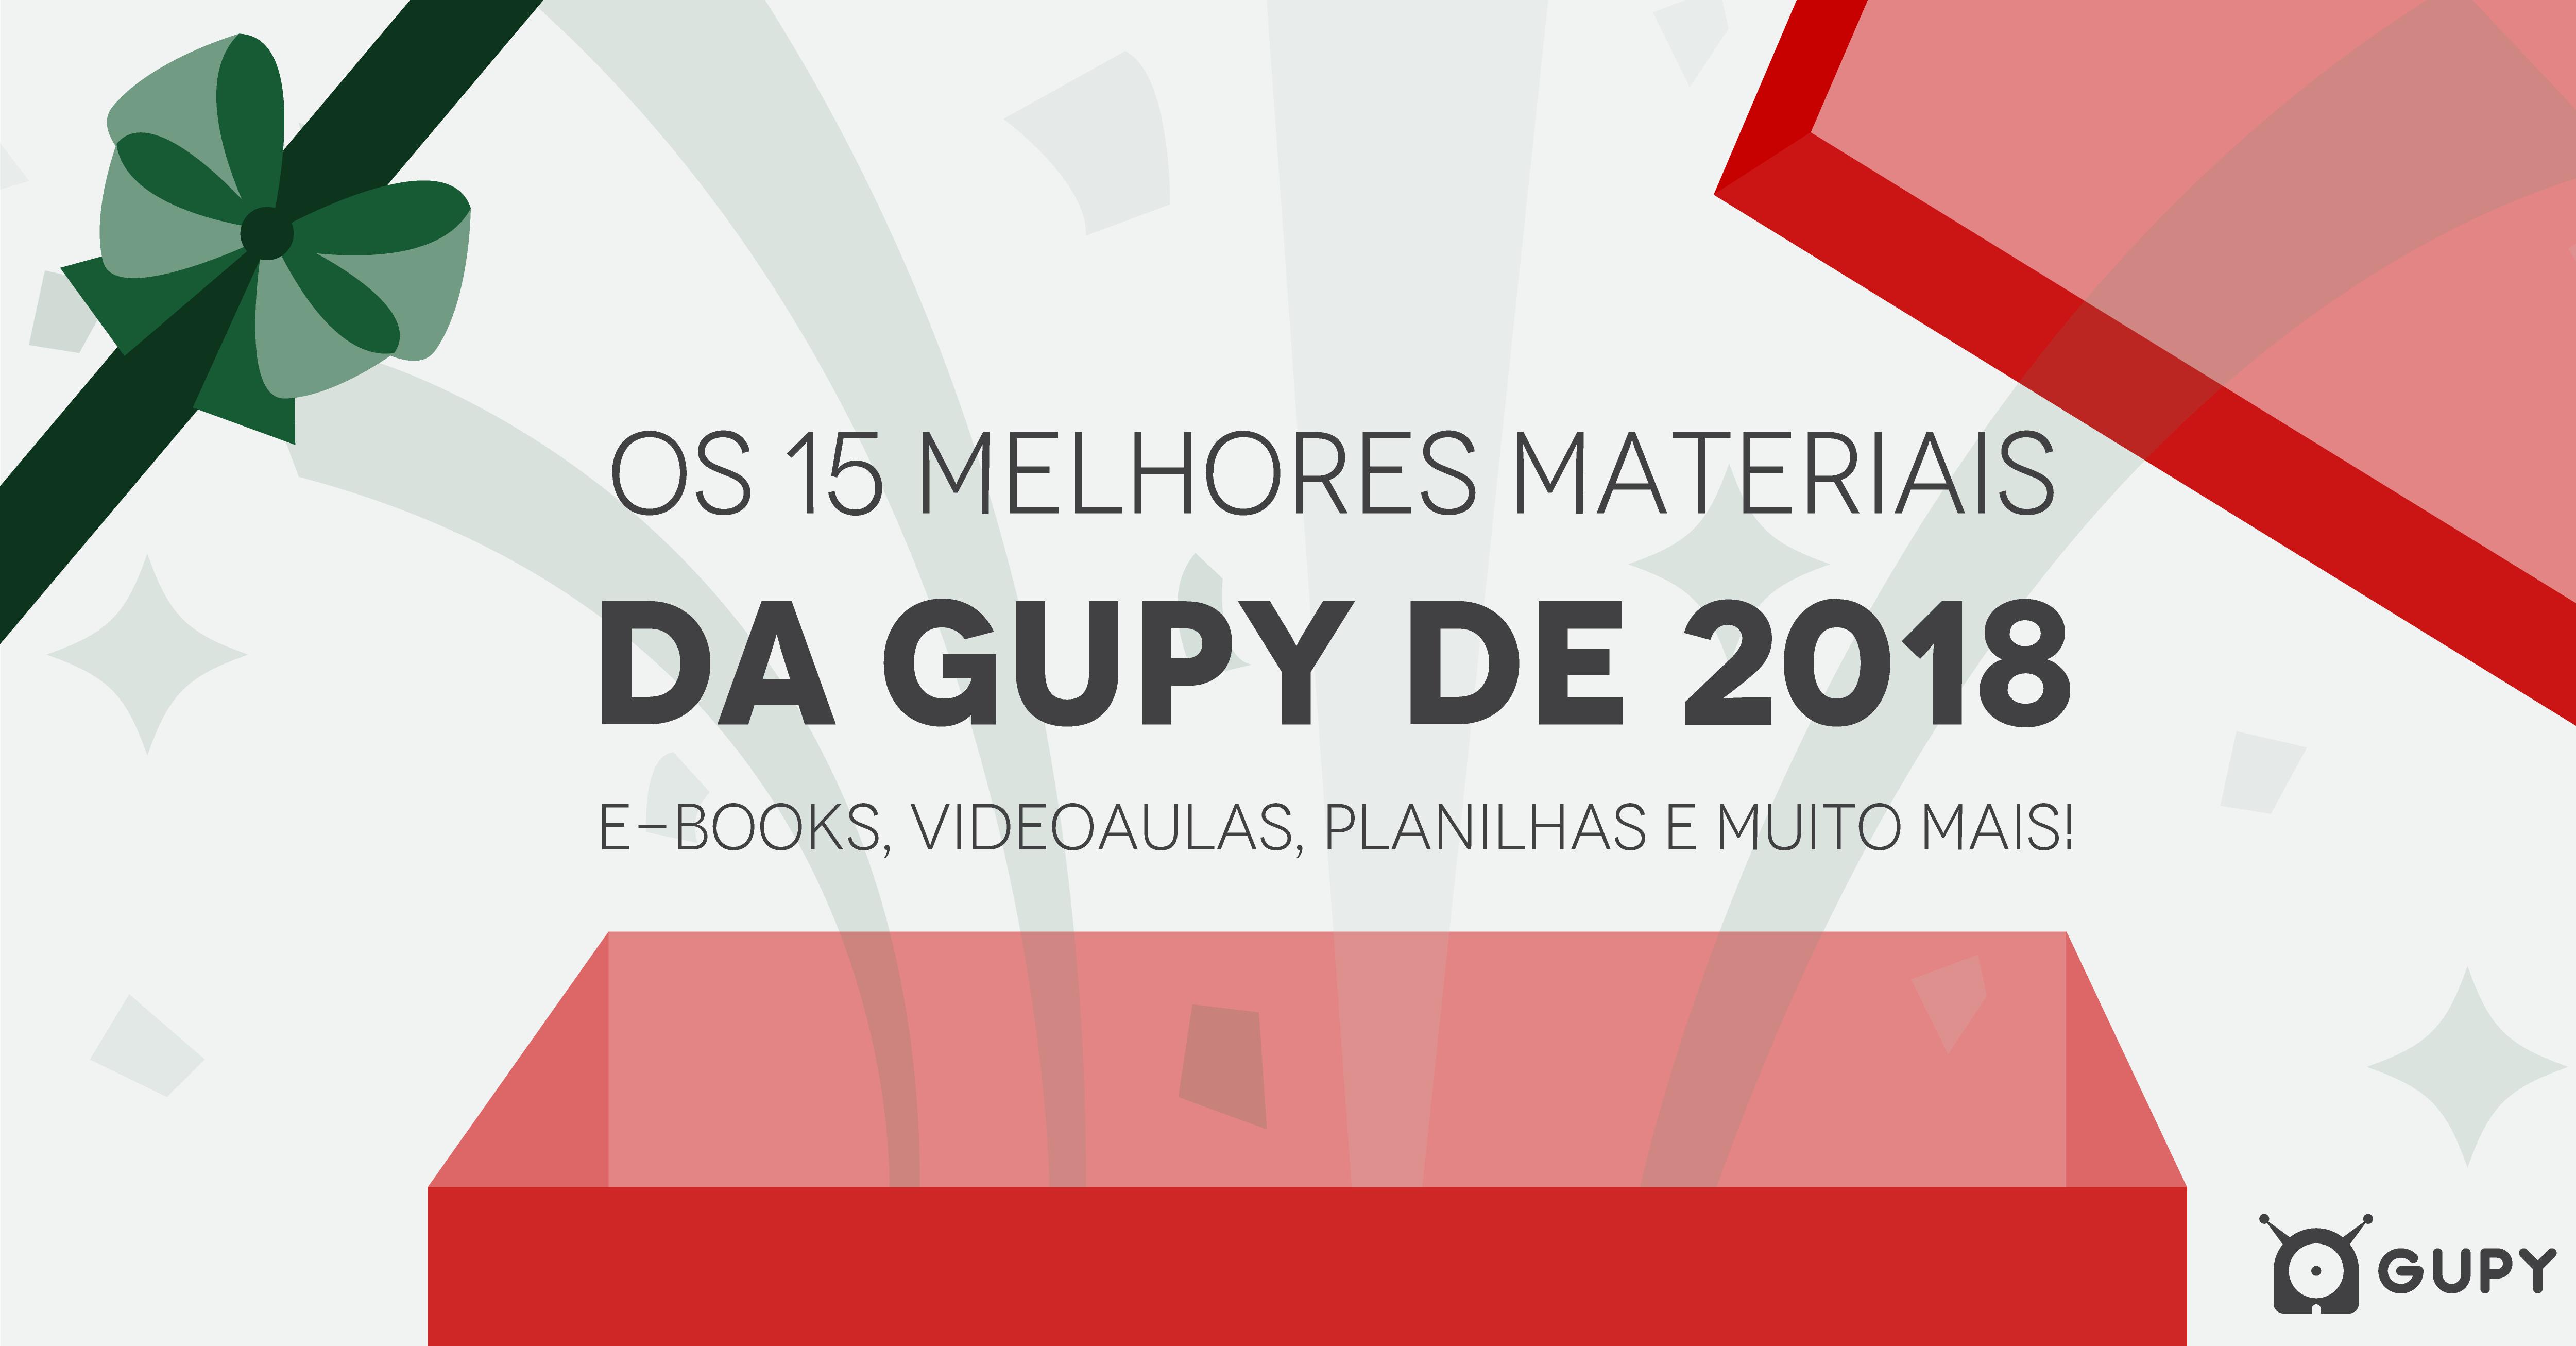 Material 15 melhores materiais da Gupy